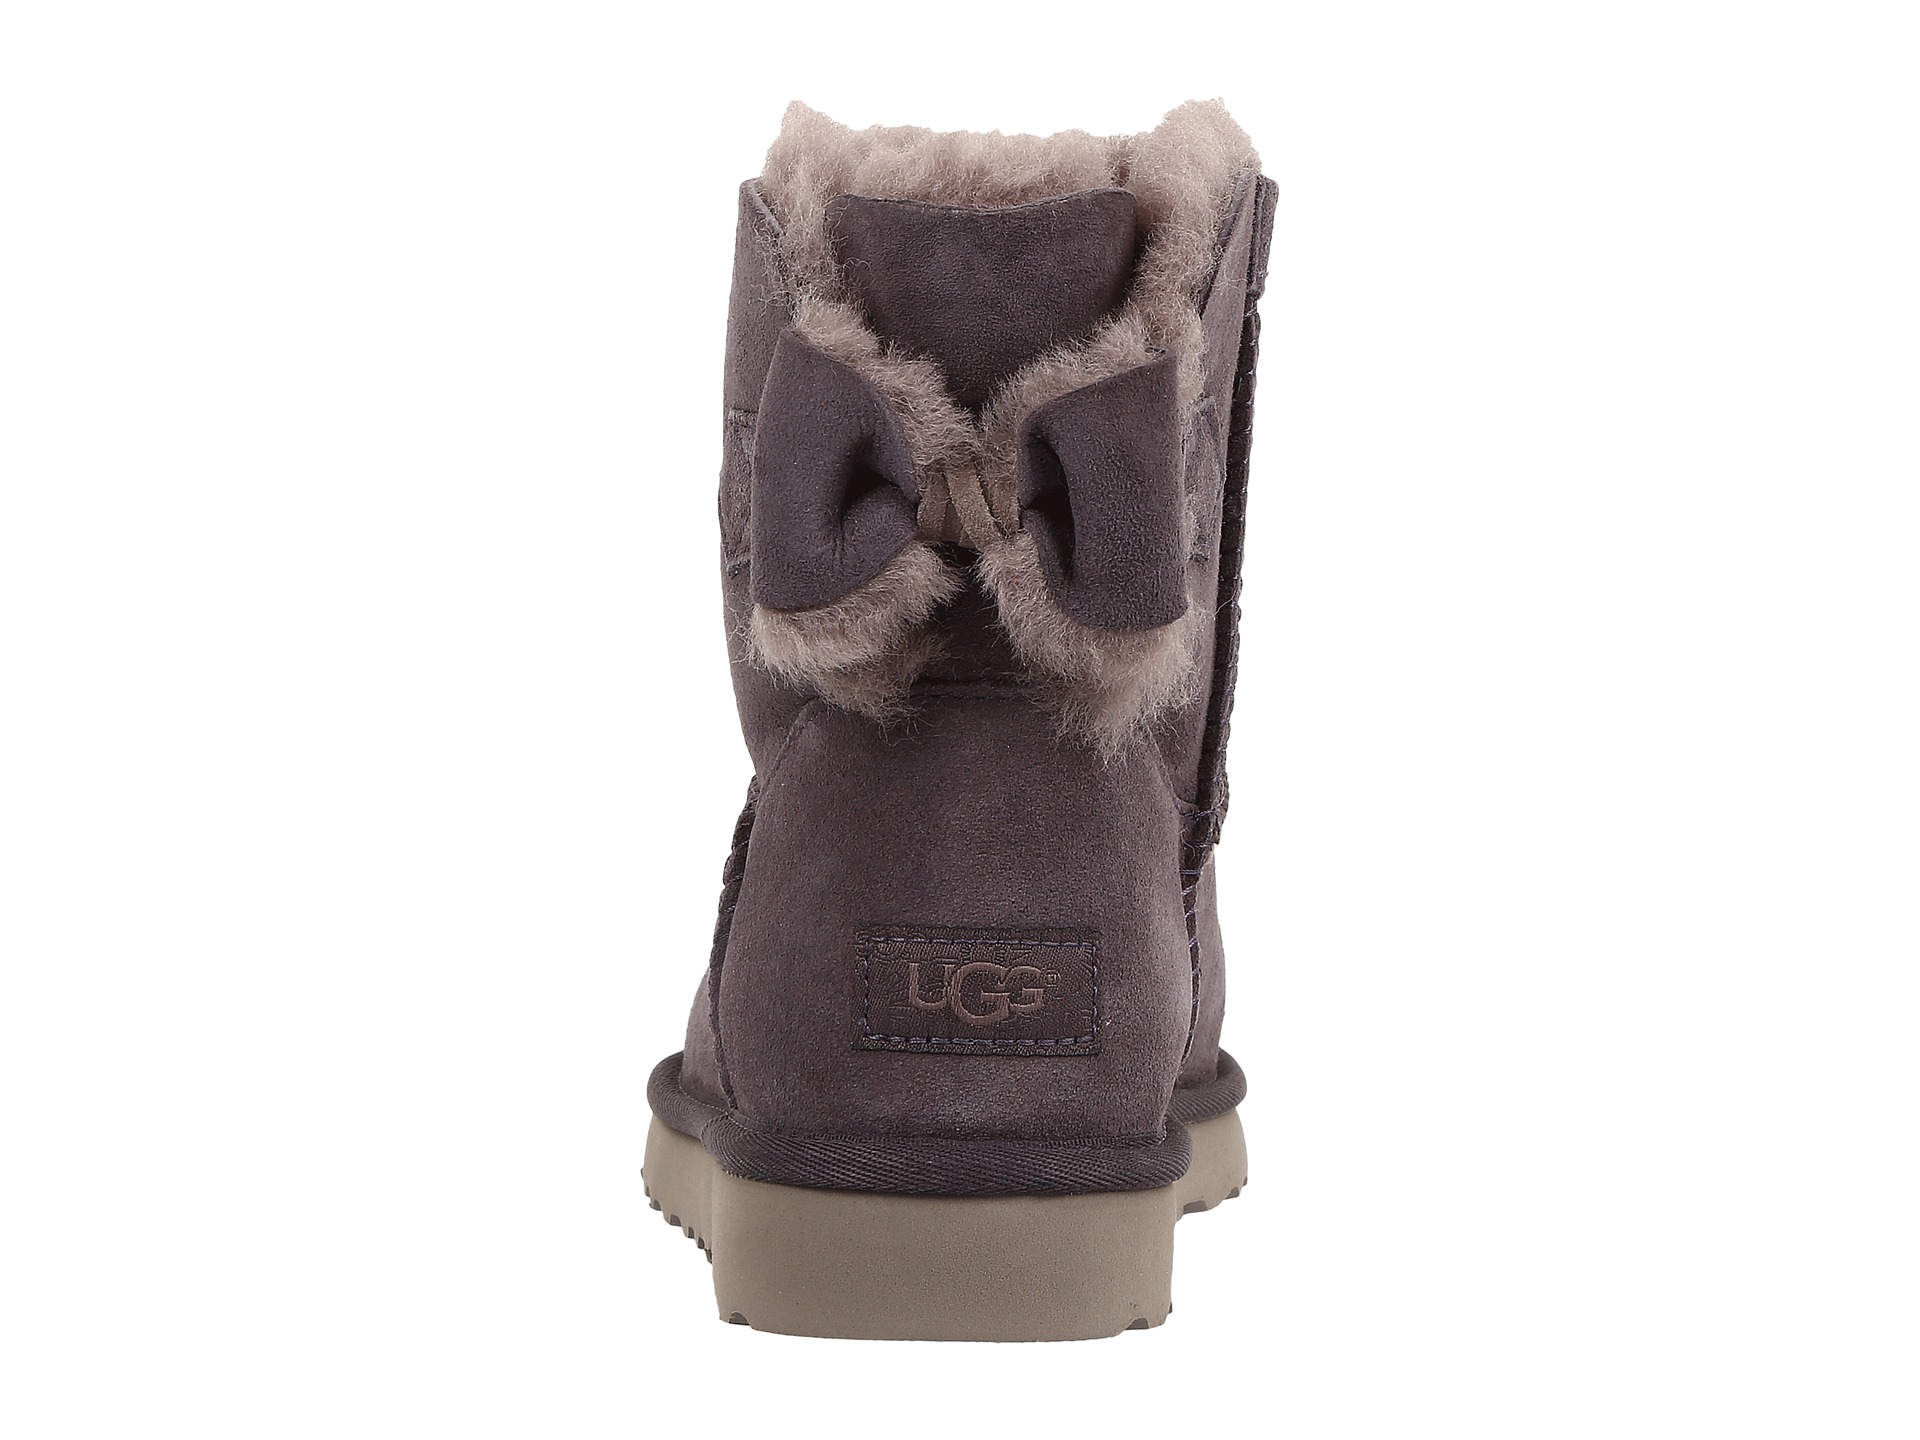 ugg sheepskin care kit 510